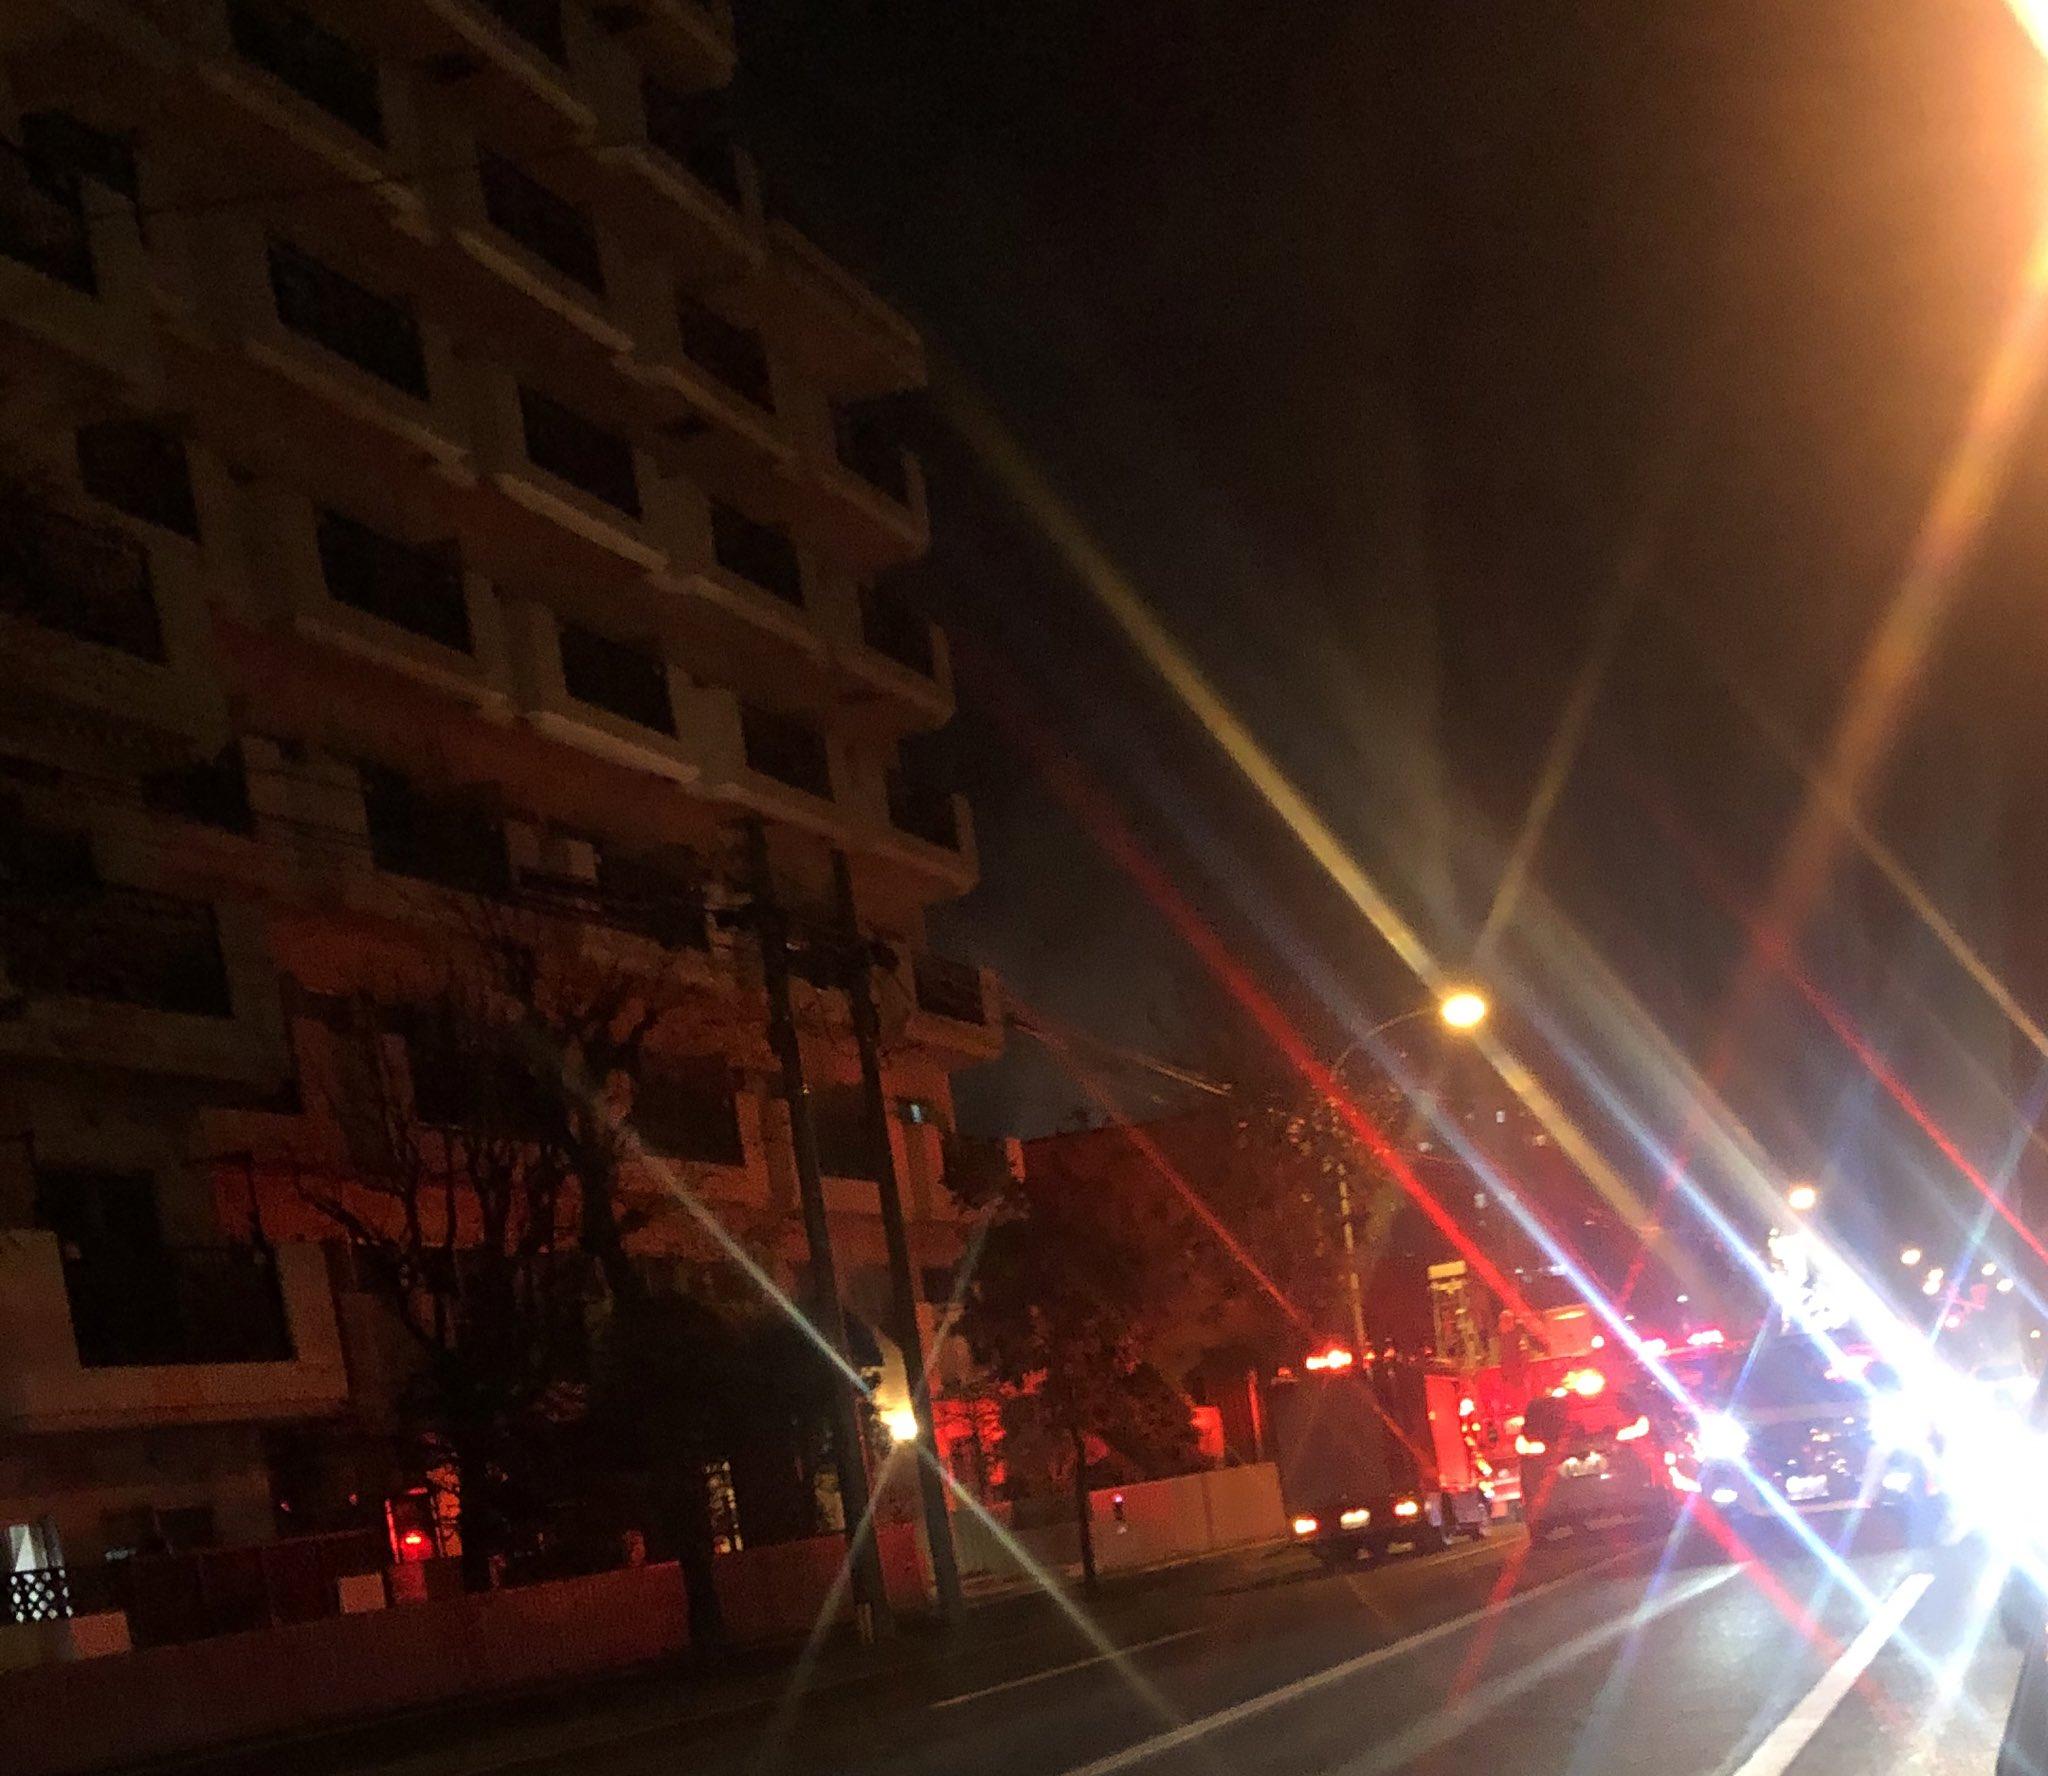 画像,今日2回目の火災遭遇‼️トリトン裏の家らしい…💦車で通過だったので、ちゃんと写せなかったですが…。モクモク煙でてました。なんて日だ‼️ https://t.co…